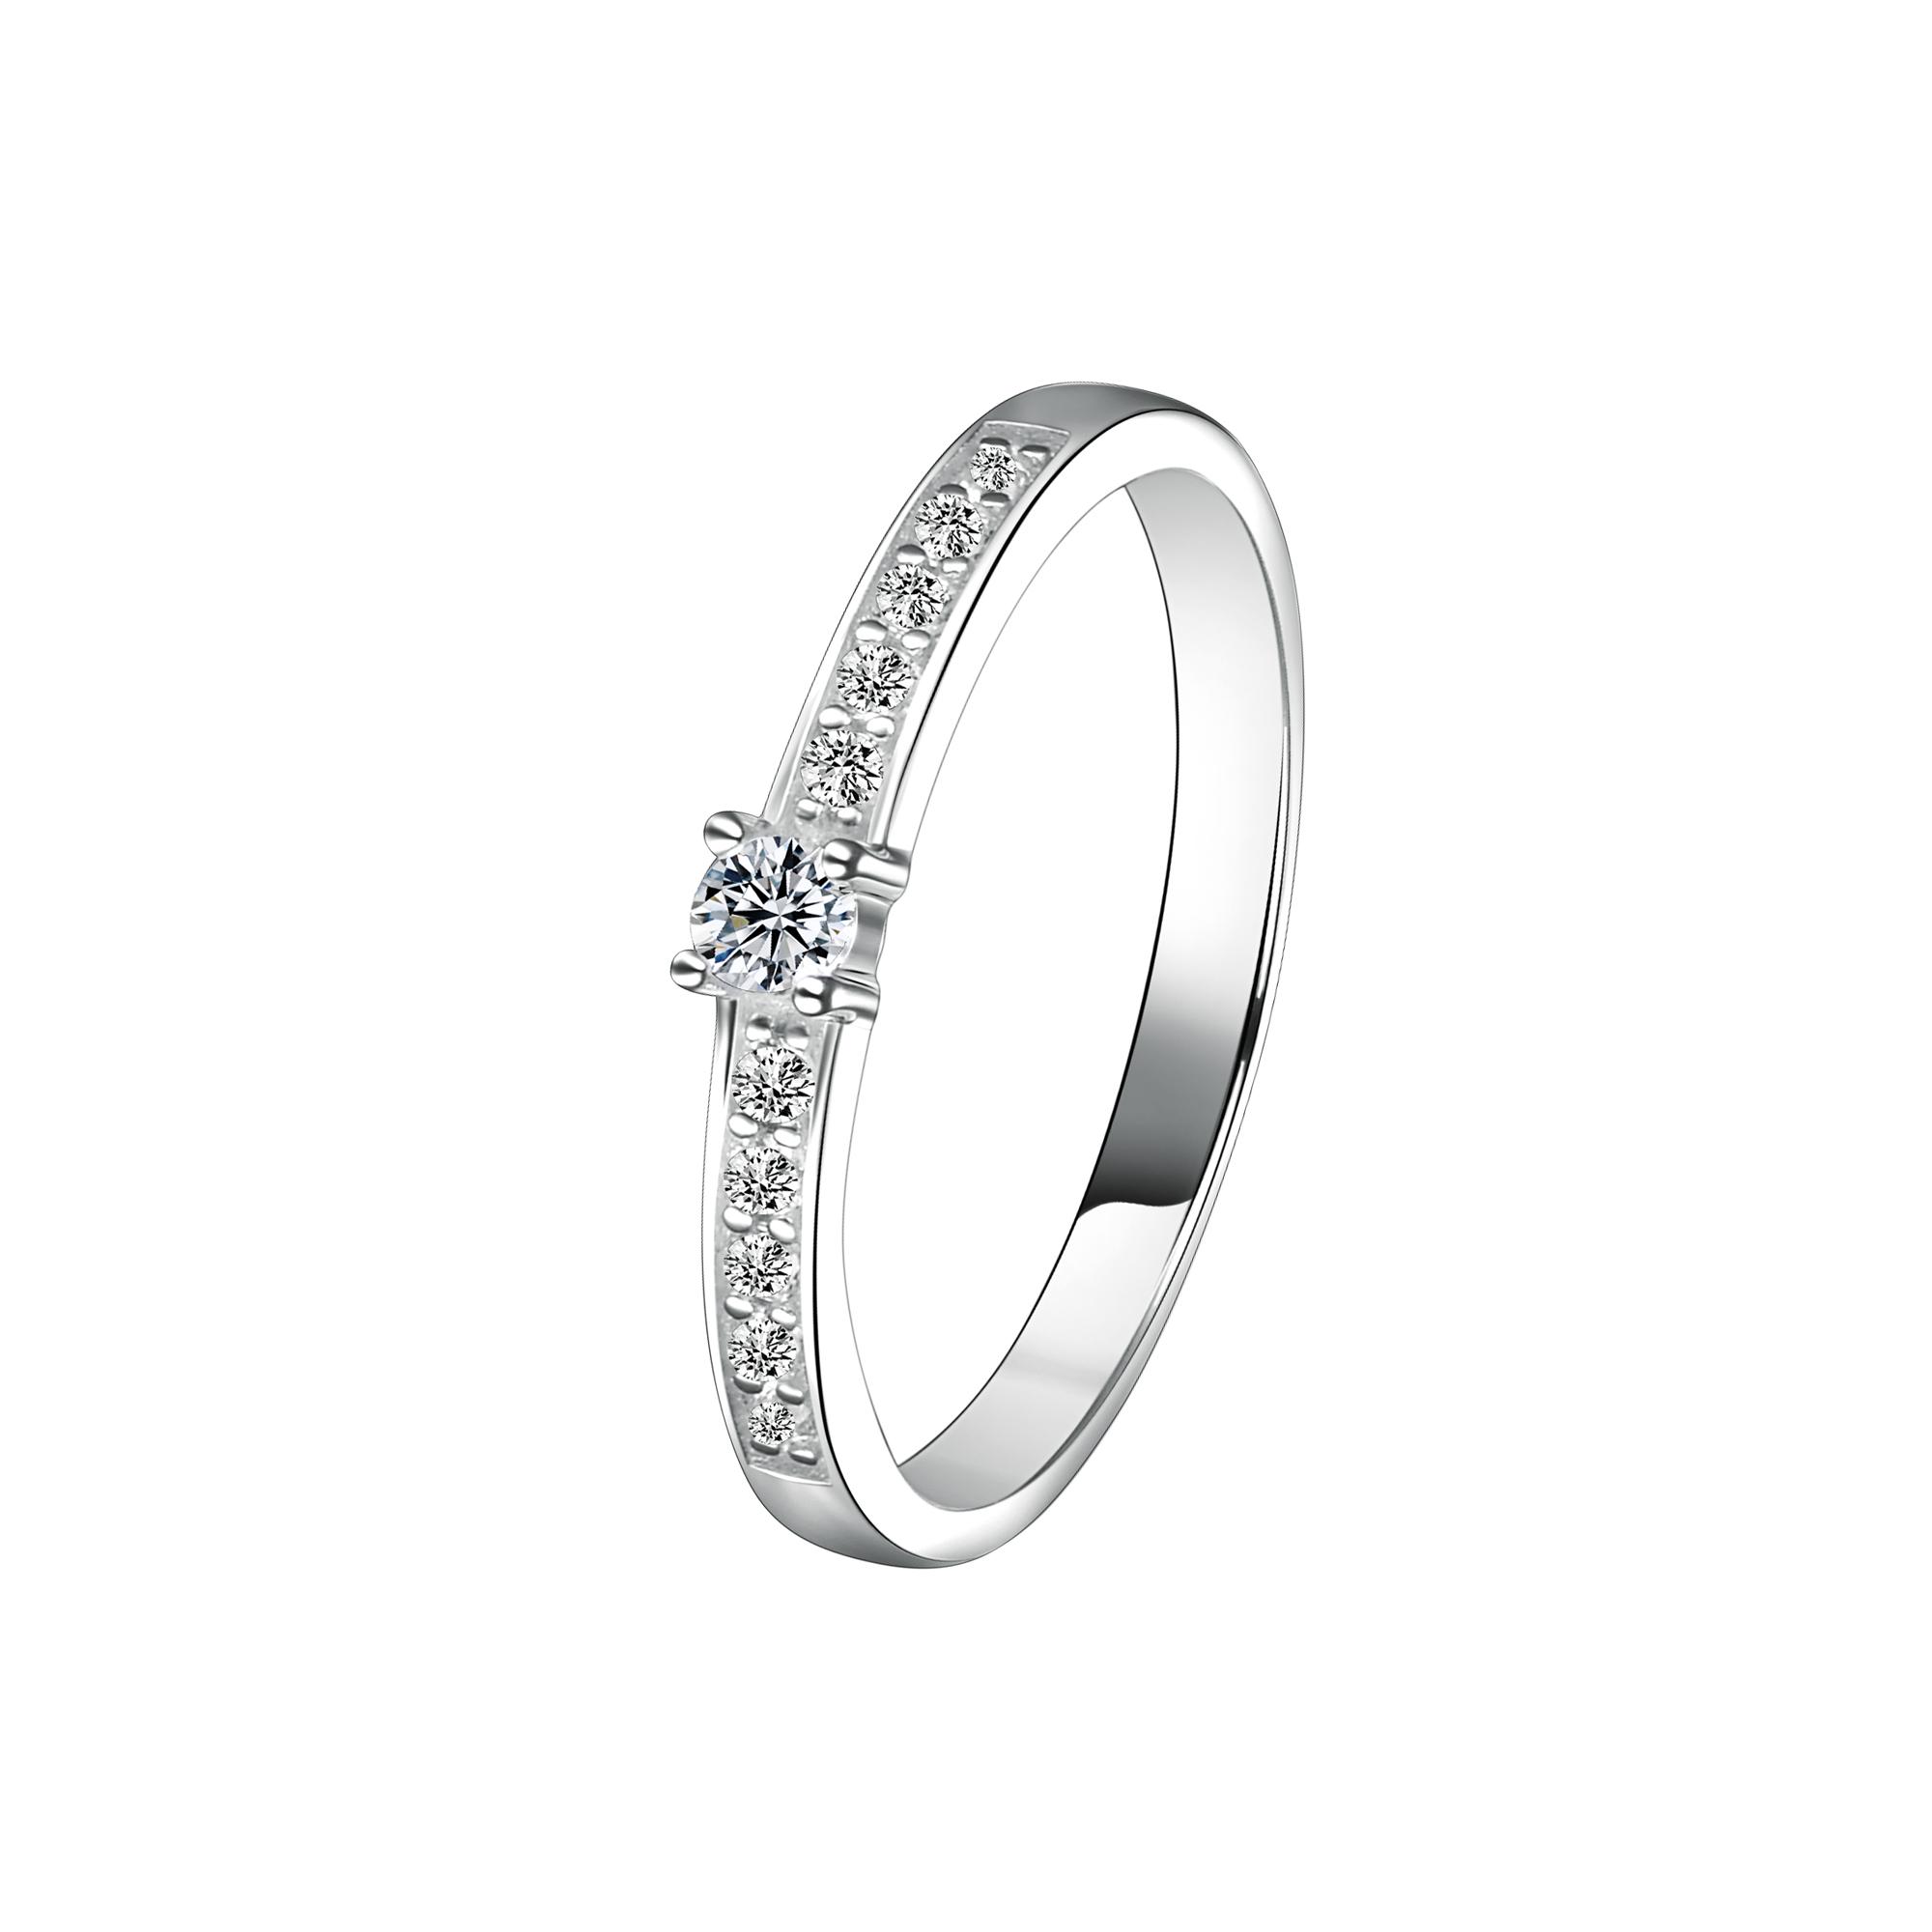 Doosti Verlobungsring Antragsring Vorsteckring Silber 925 Mit